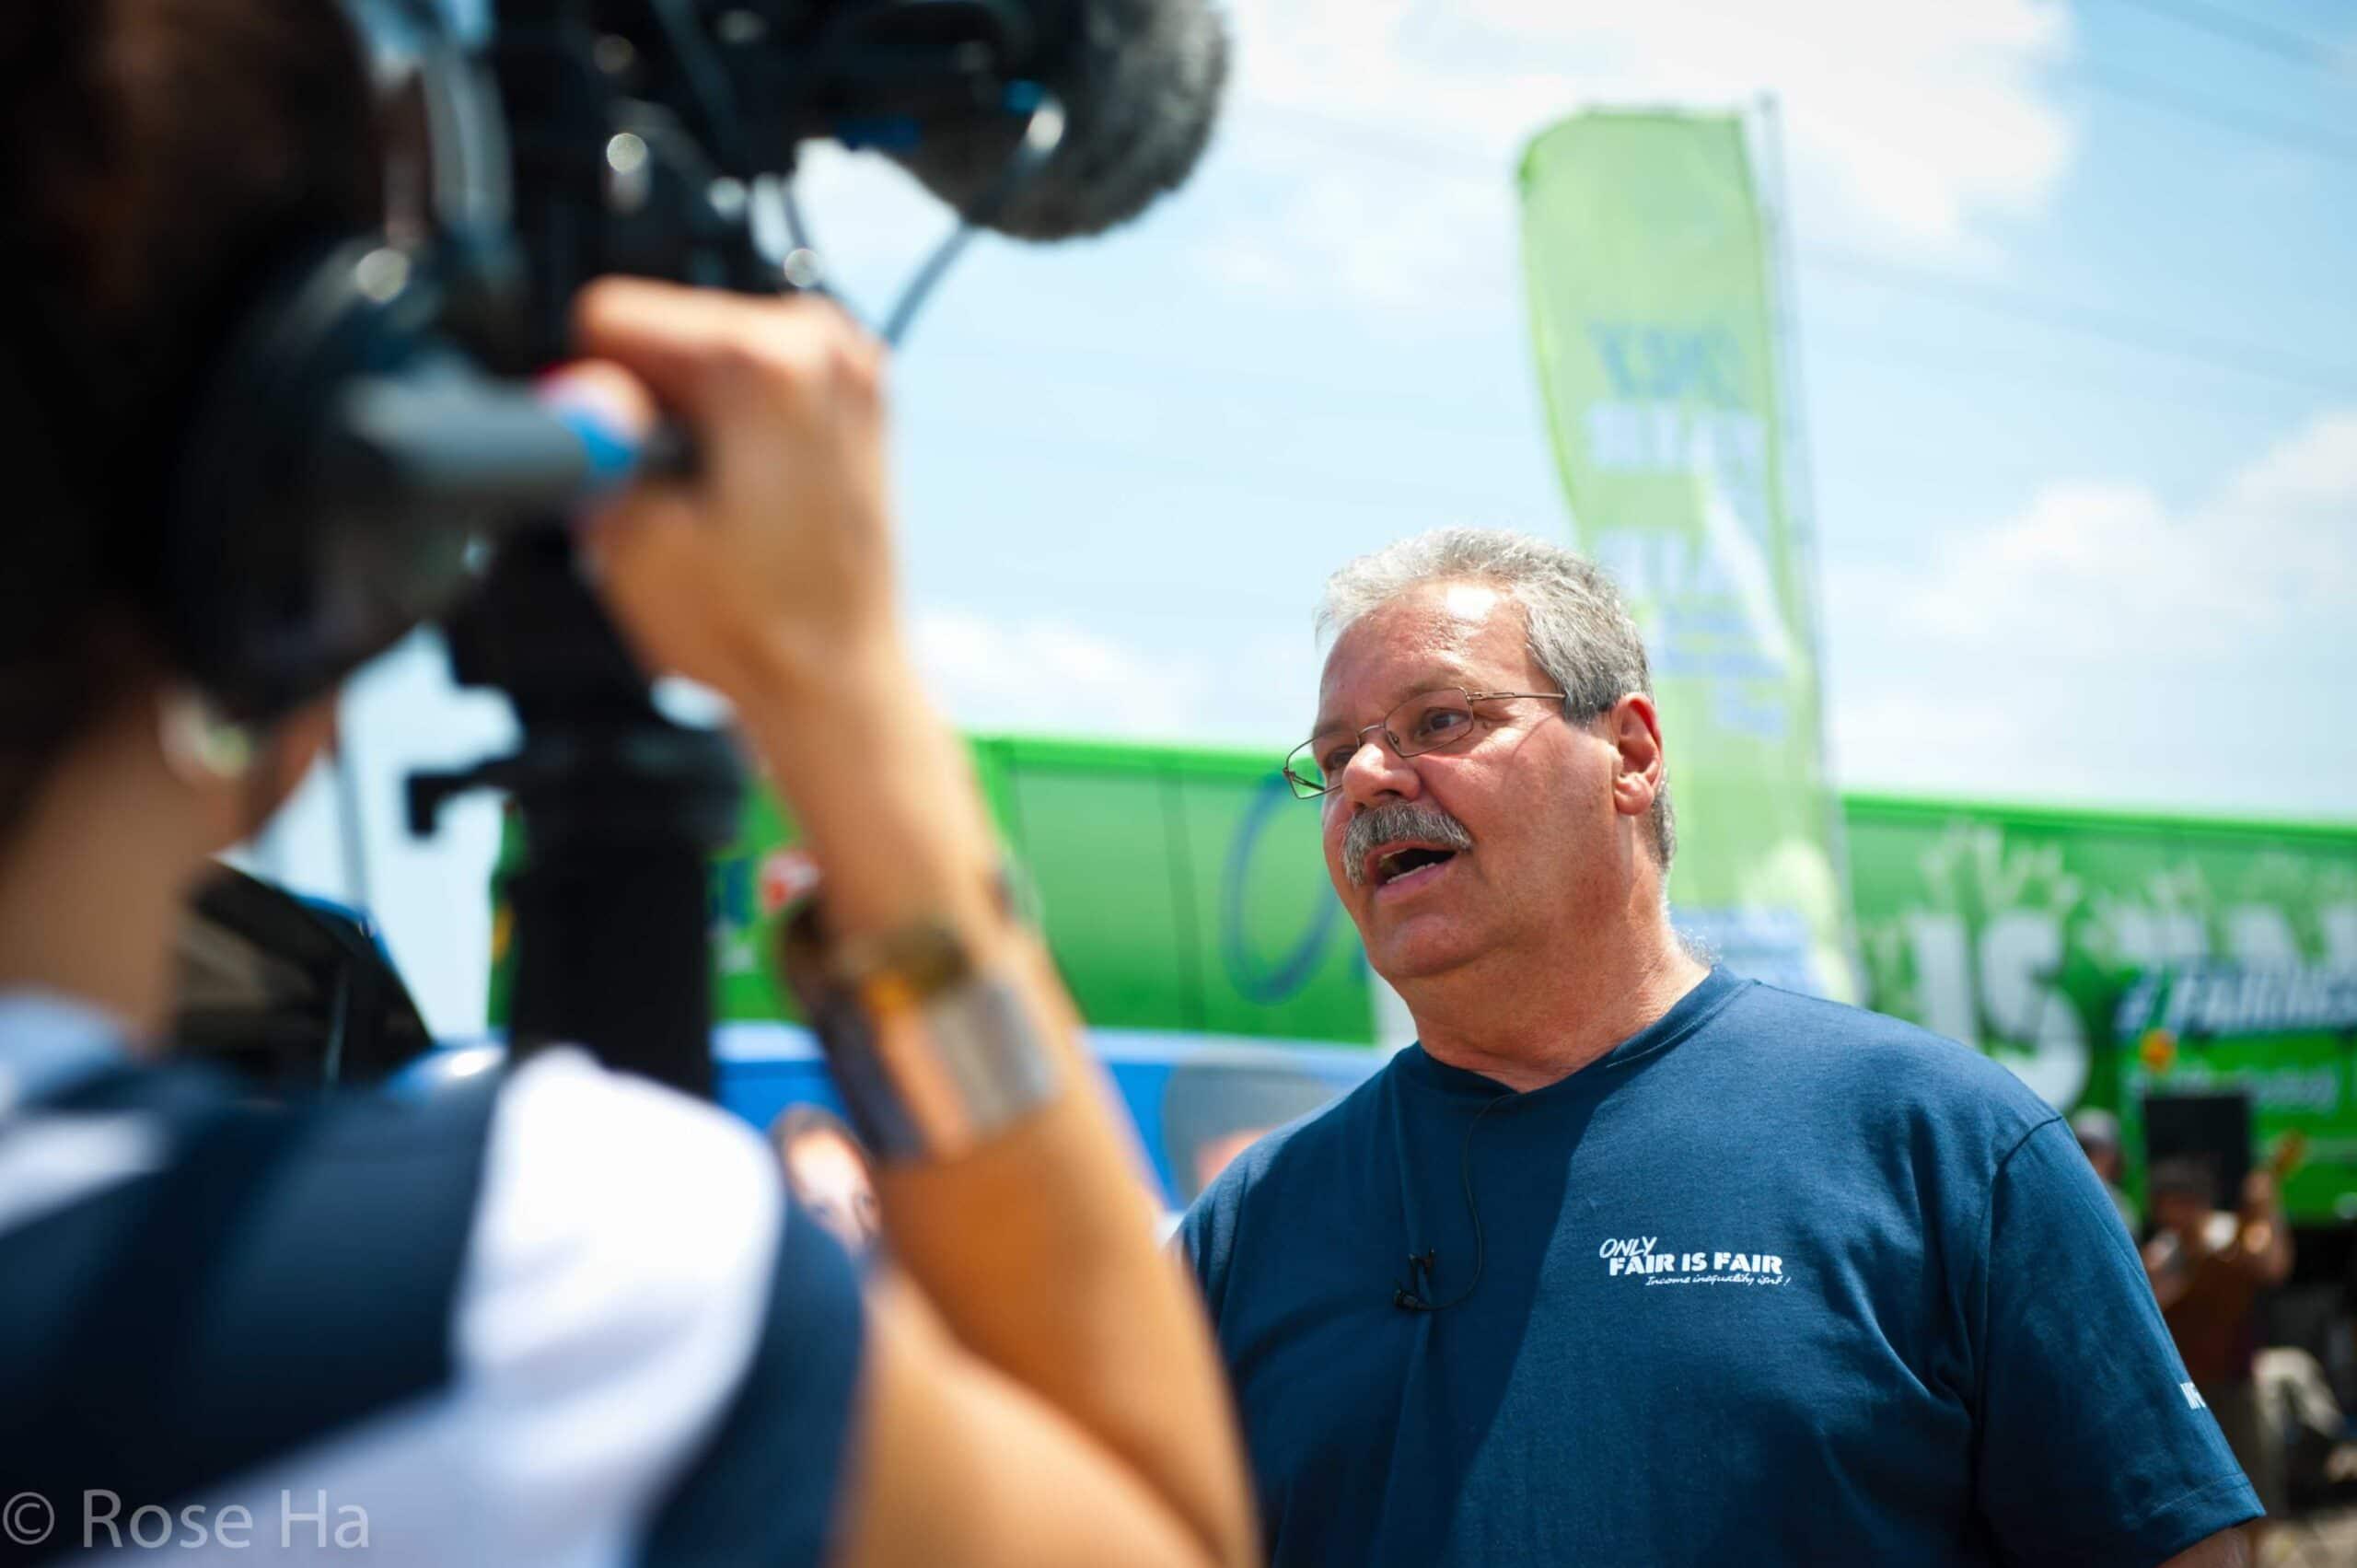 Smokey Thomas speaking to a news station